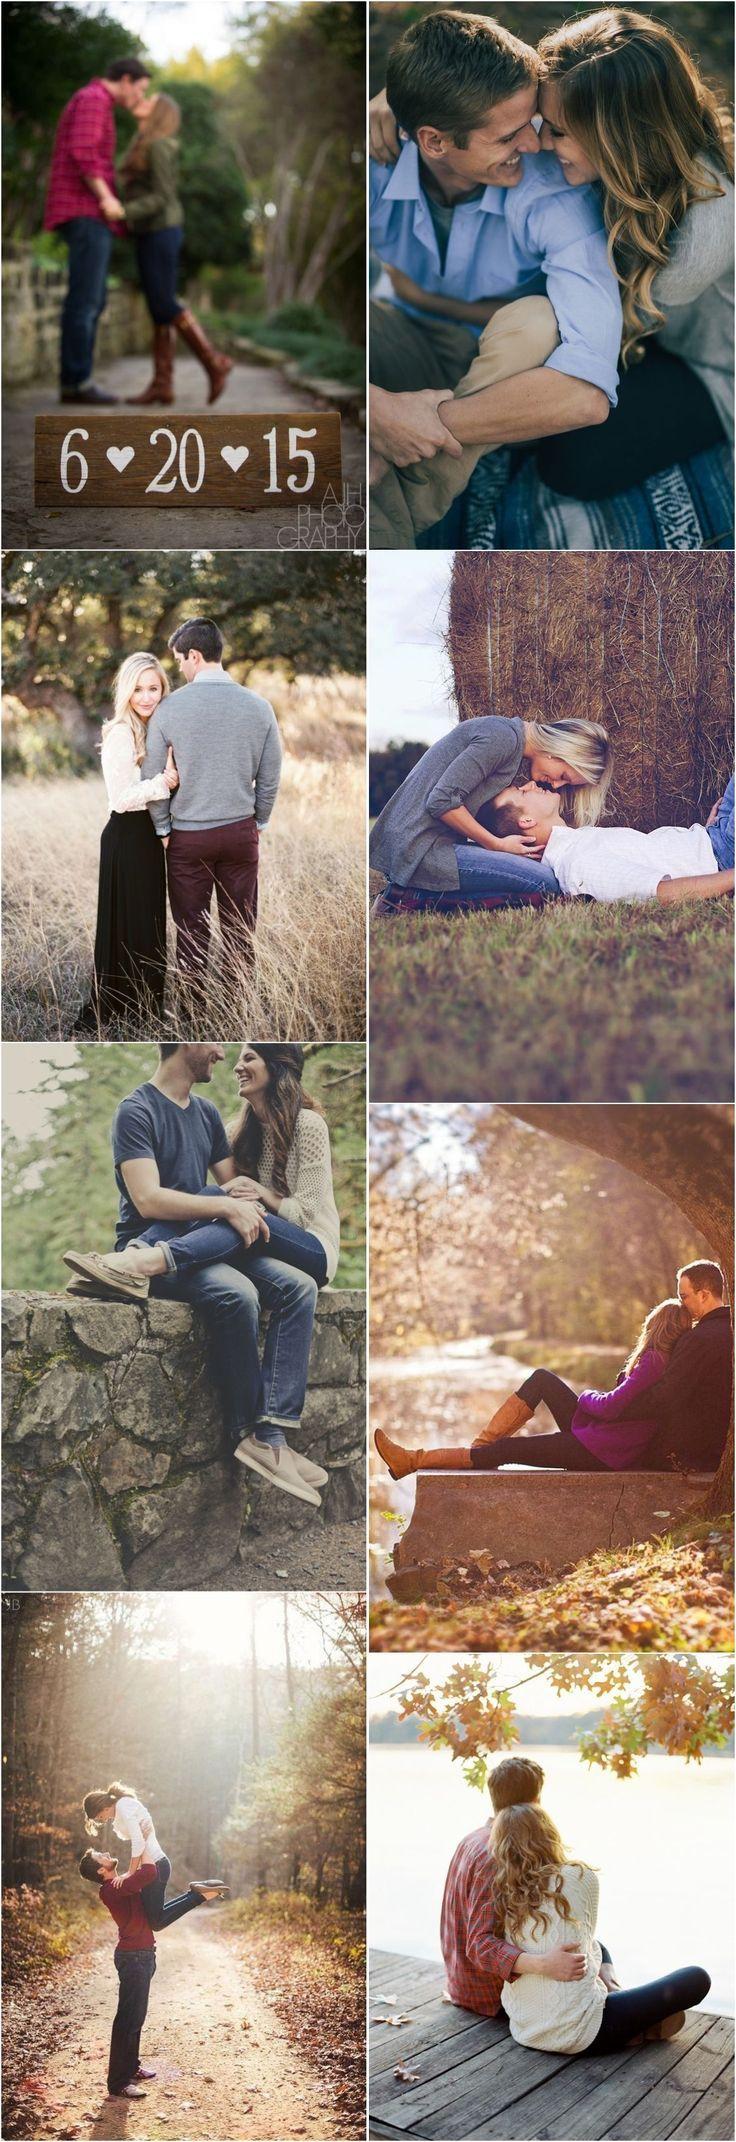 60 besten Ideen für das Verlobungsfoto-Shooting im Herbst – #Verlobung #Herbst #Ideen #Foto #Schießen